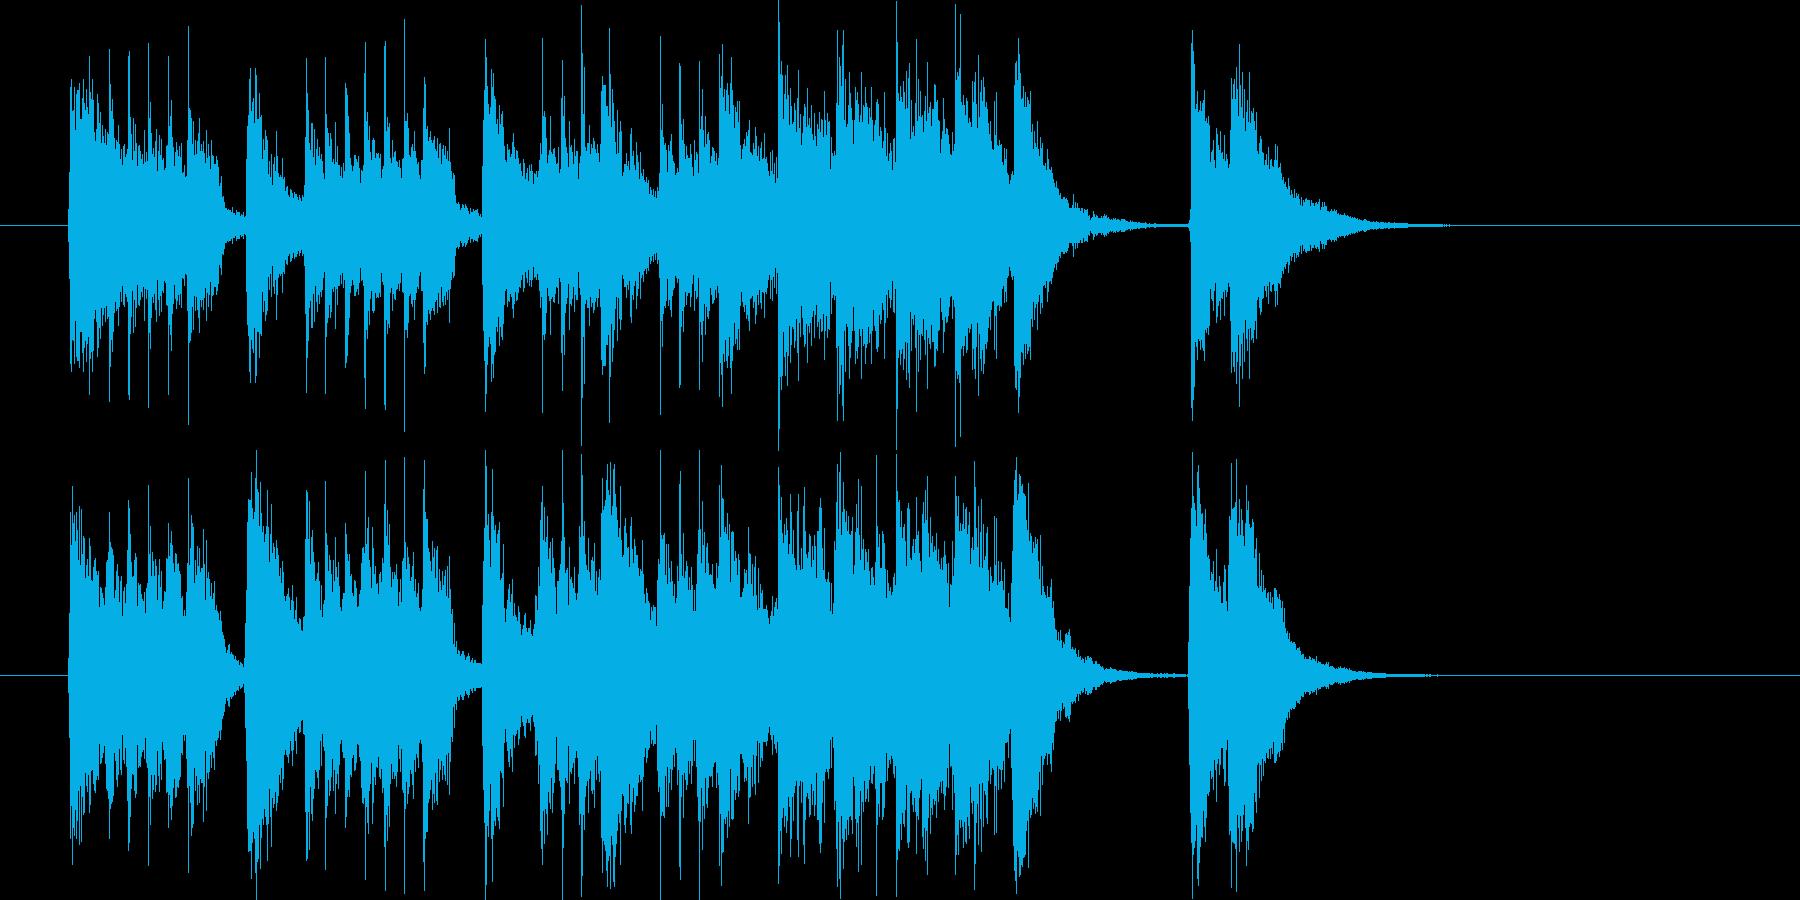 ドキドキと弾けるアップテンポなジングルの再生済みの波形